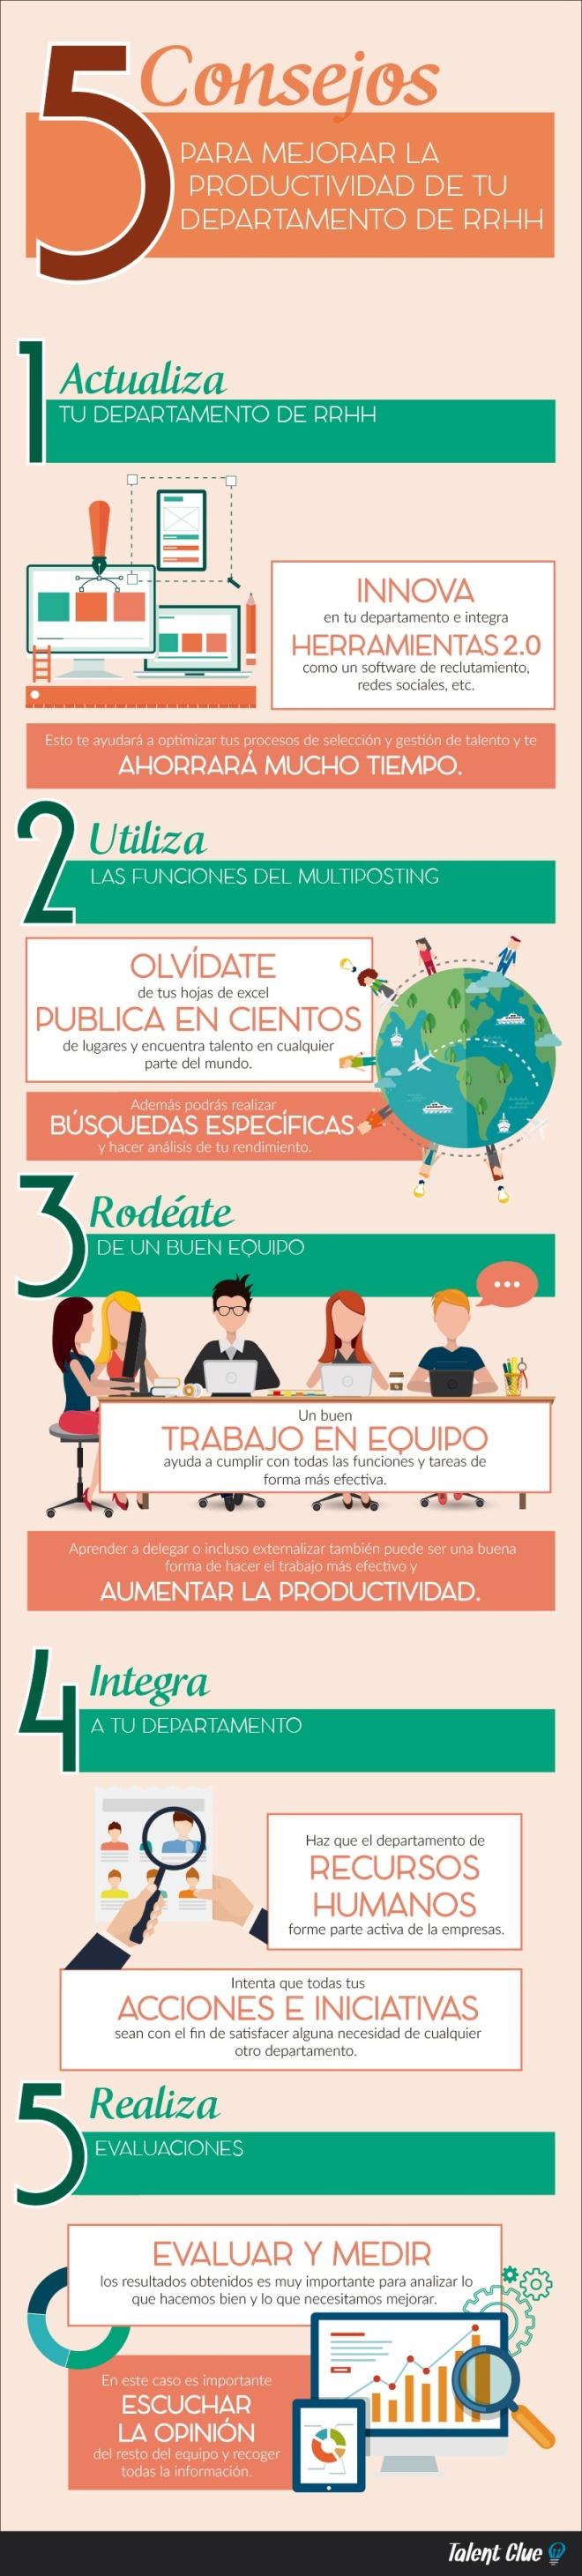 5 consejos para mejorar Productividad del departamento de Recursos Humanos